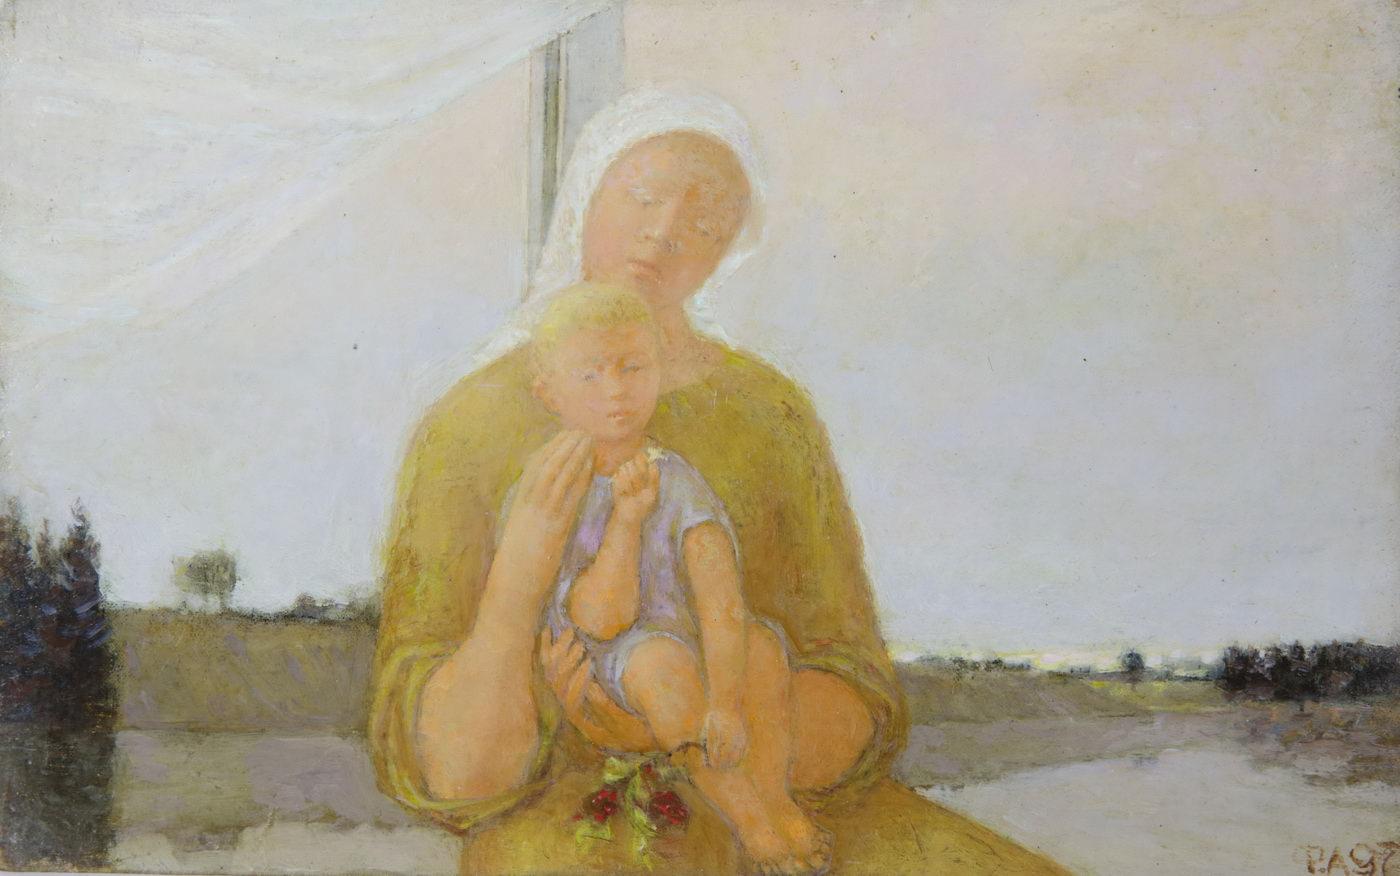 Филимонов А.Г. Картина. Мадонна. Серия Библейский цикл